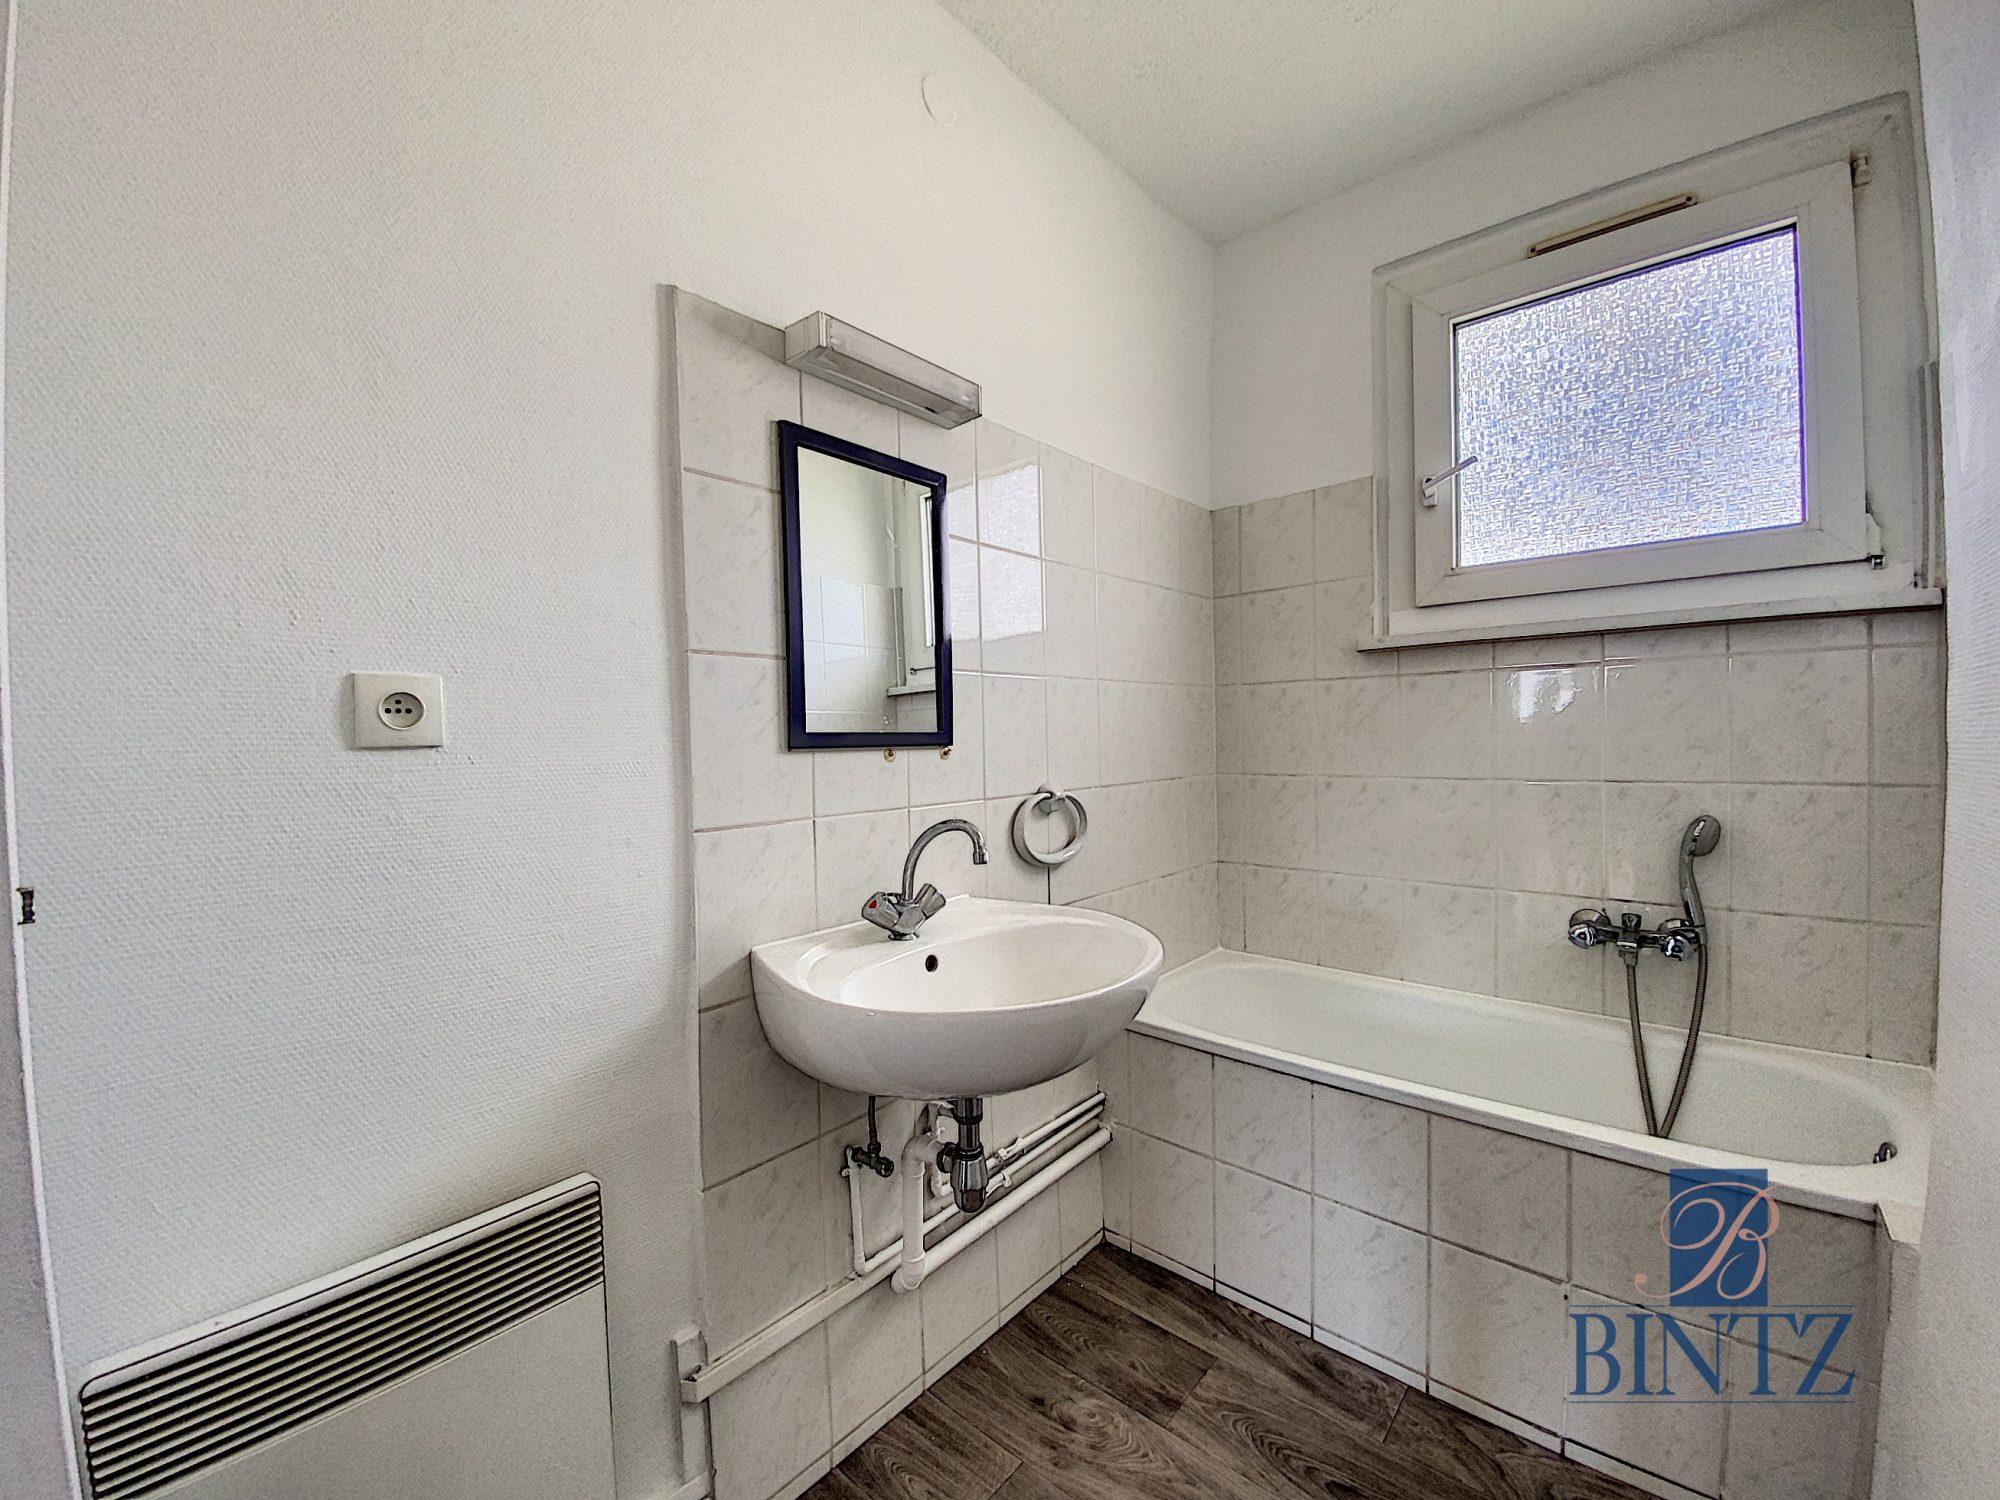 4P MUSAU 4 RIMBACH - Devenez locataire en toute sérénité - Bintz Immobilier - 7